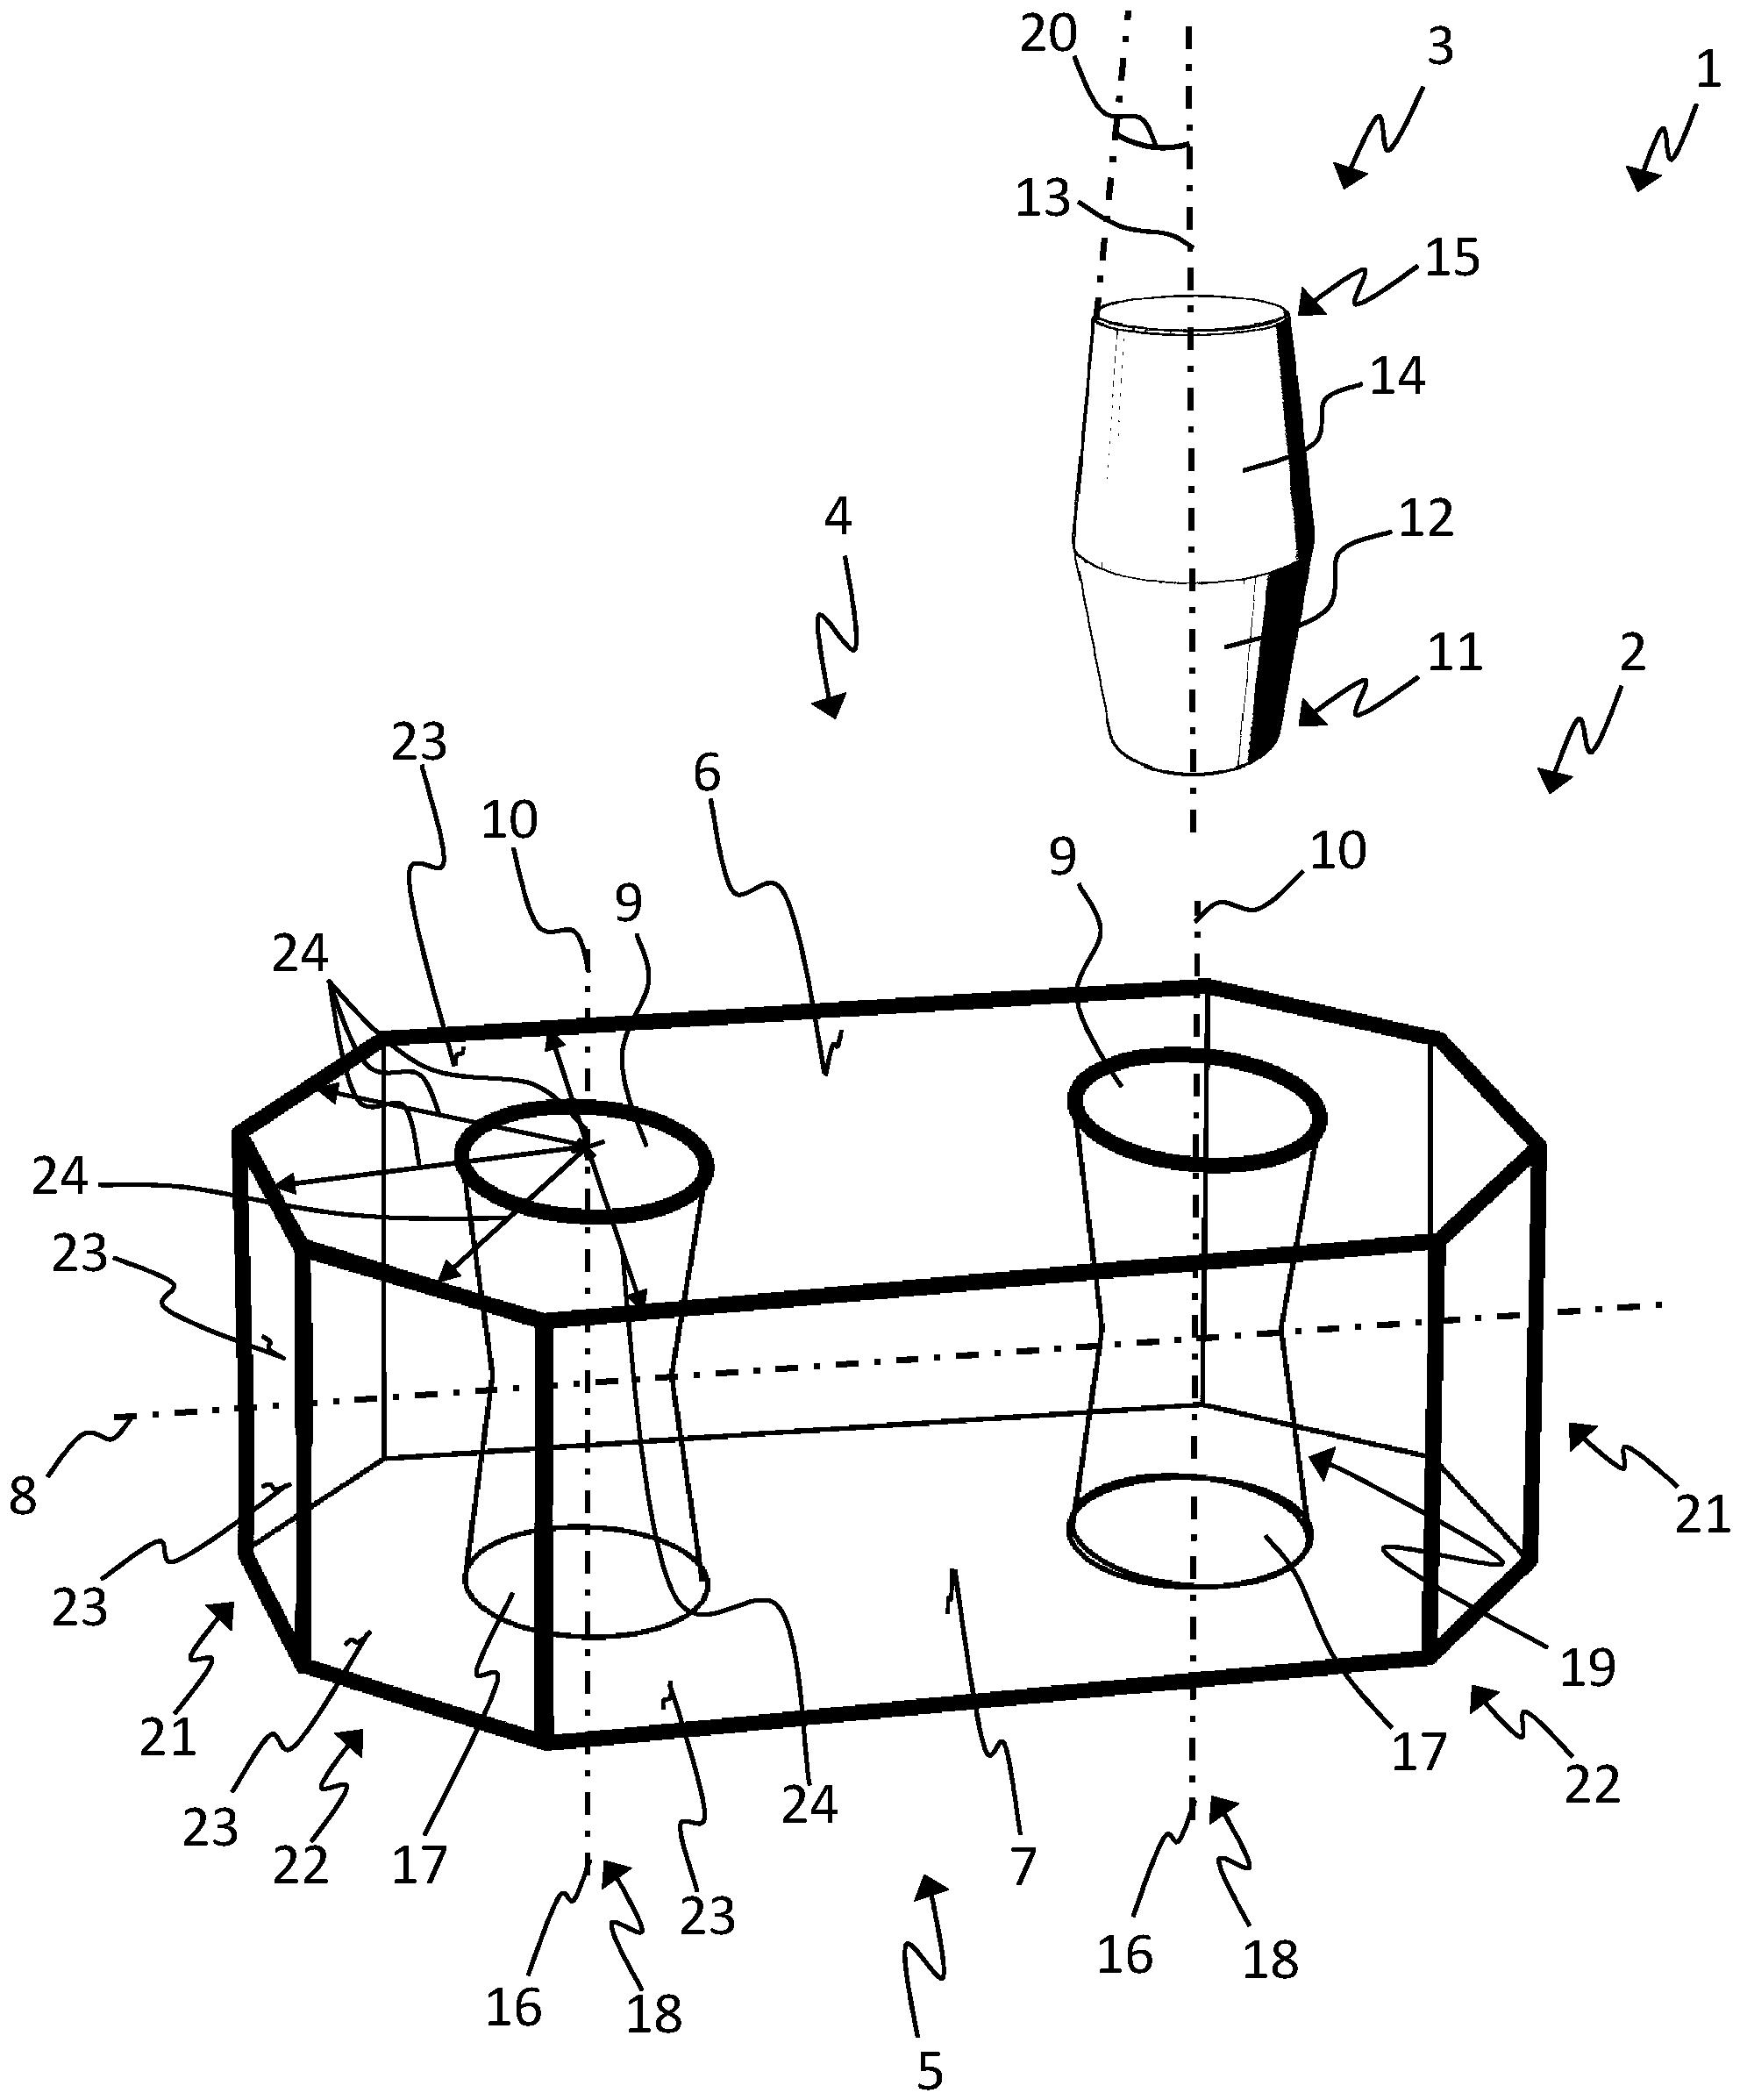 Figure DE102019114532A1_0000